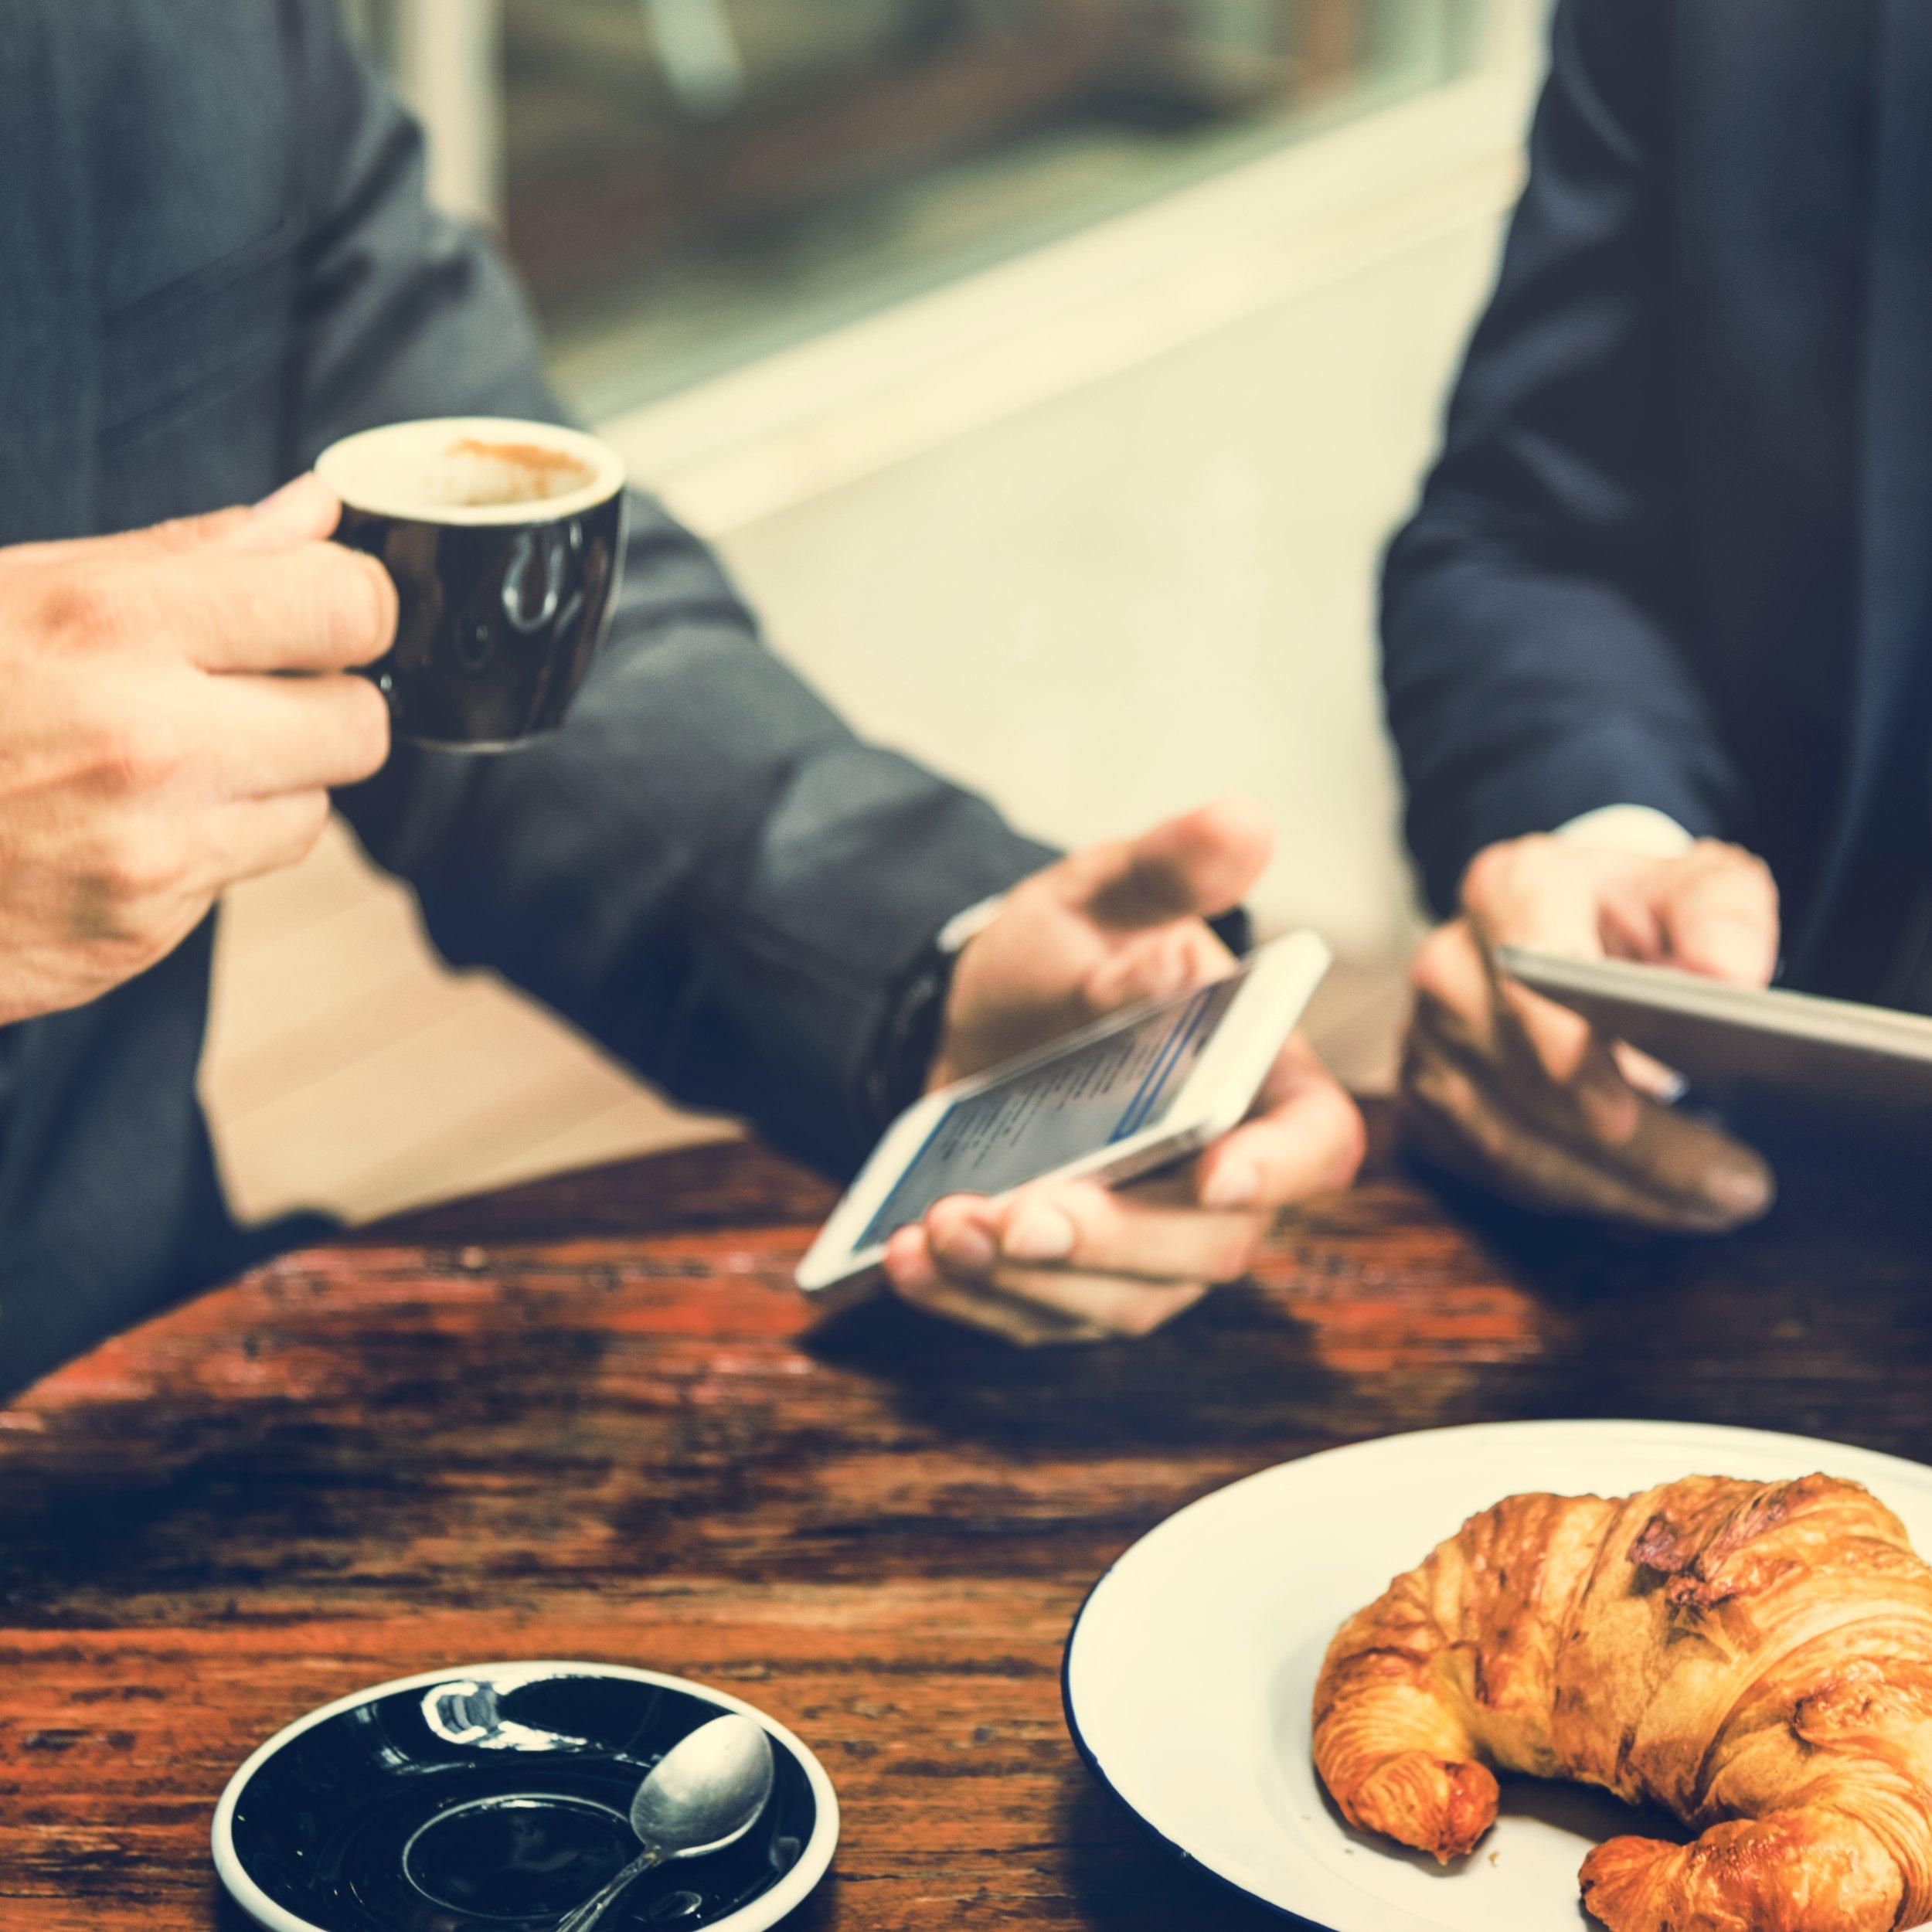 business-men-meeting-tablet-concept-PPHFVBE.jpg